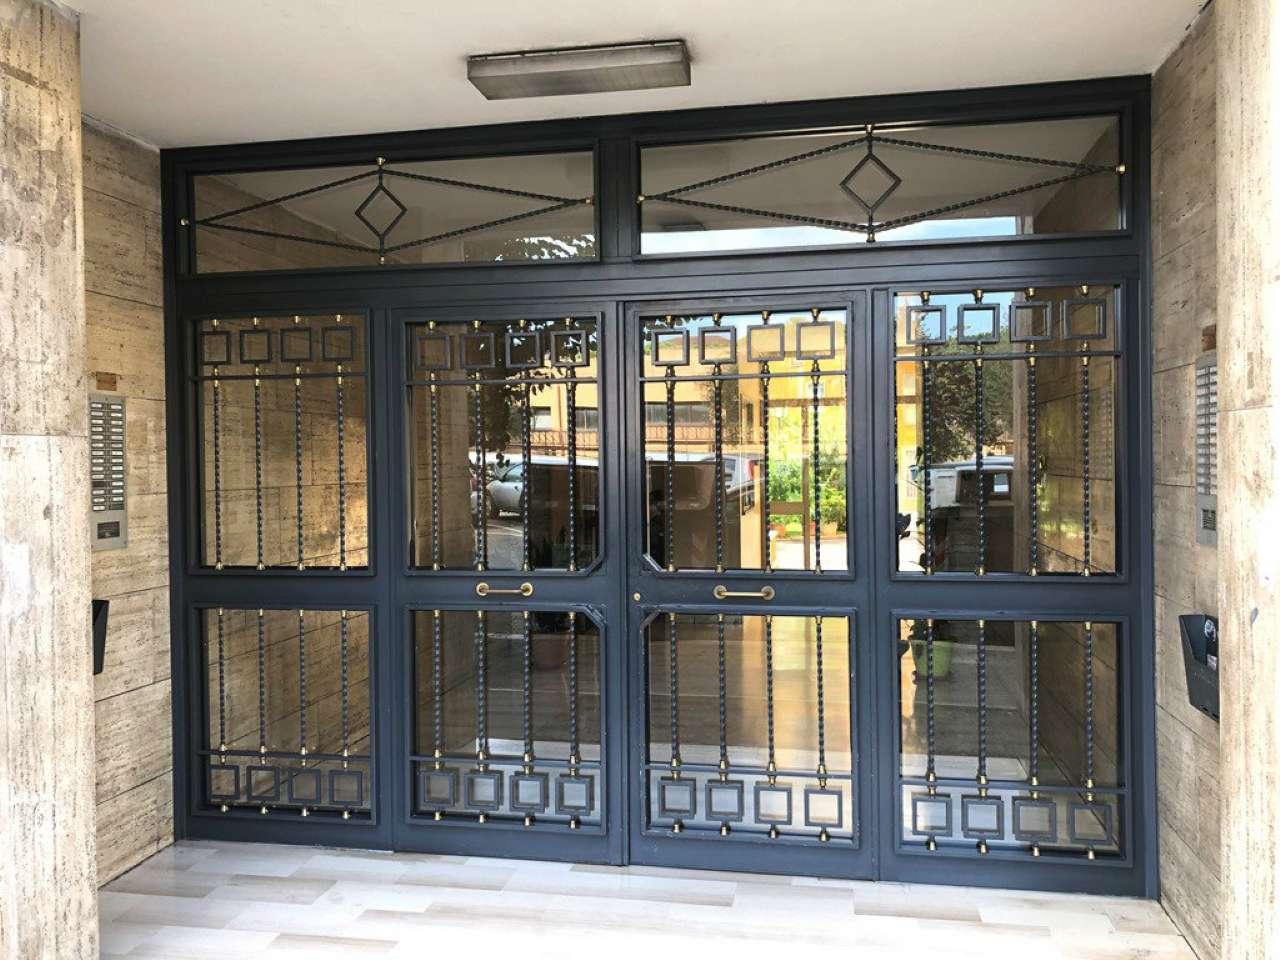 Appartamento in vendita a Roma, 2 locali, zona Zona: 13 . Tuscolano, Appio Claudio, Villa Lais, Quadraro, prezzo € 180.000 | CambioCasa.it